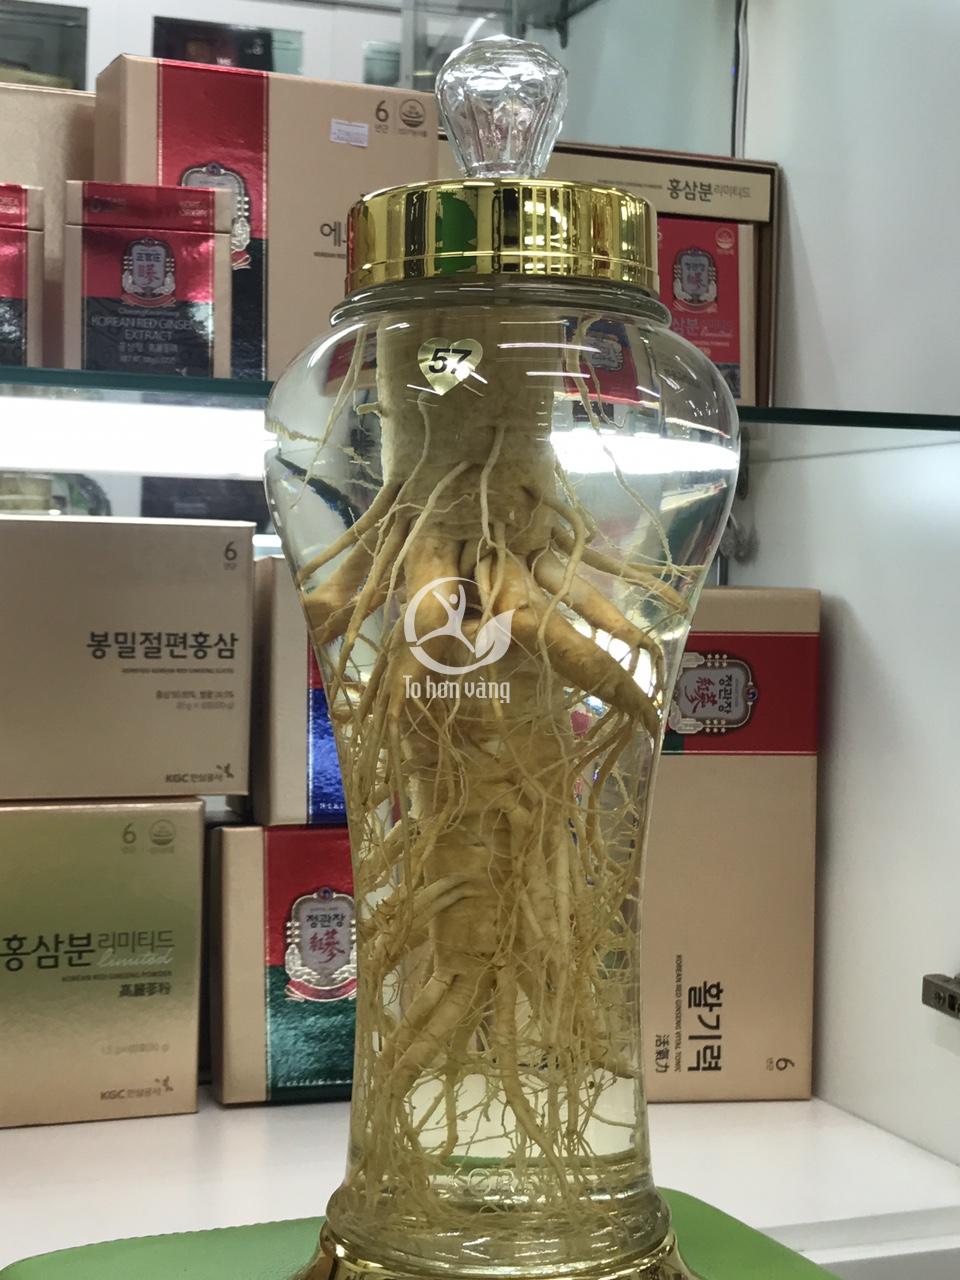 Bình sâm tươi Hàn Quốc 3 lít có mã số 57, có thể tích và kích thước phù hợp với sâm tươi loại 8 củ 1 kg